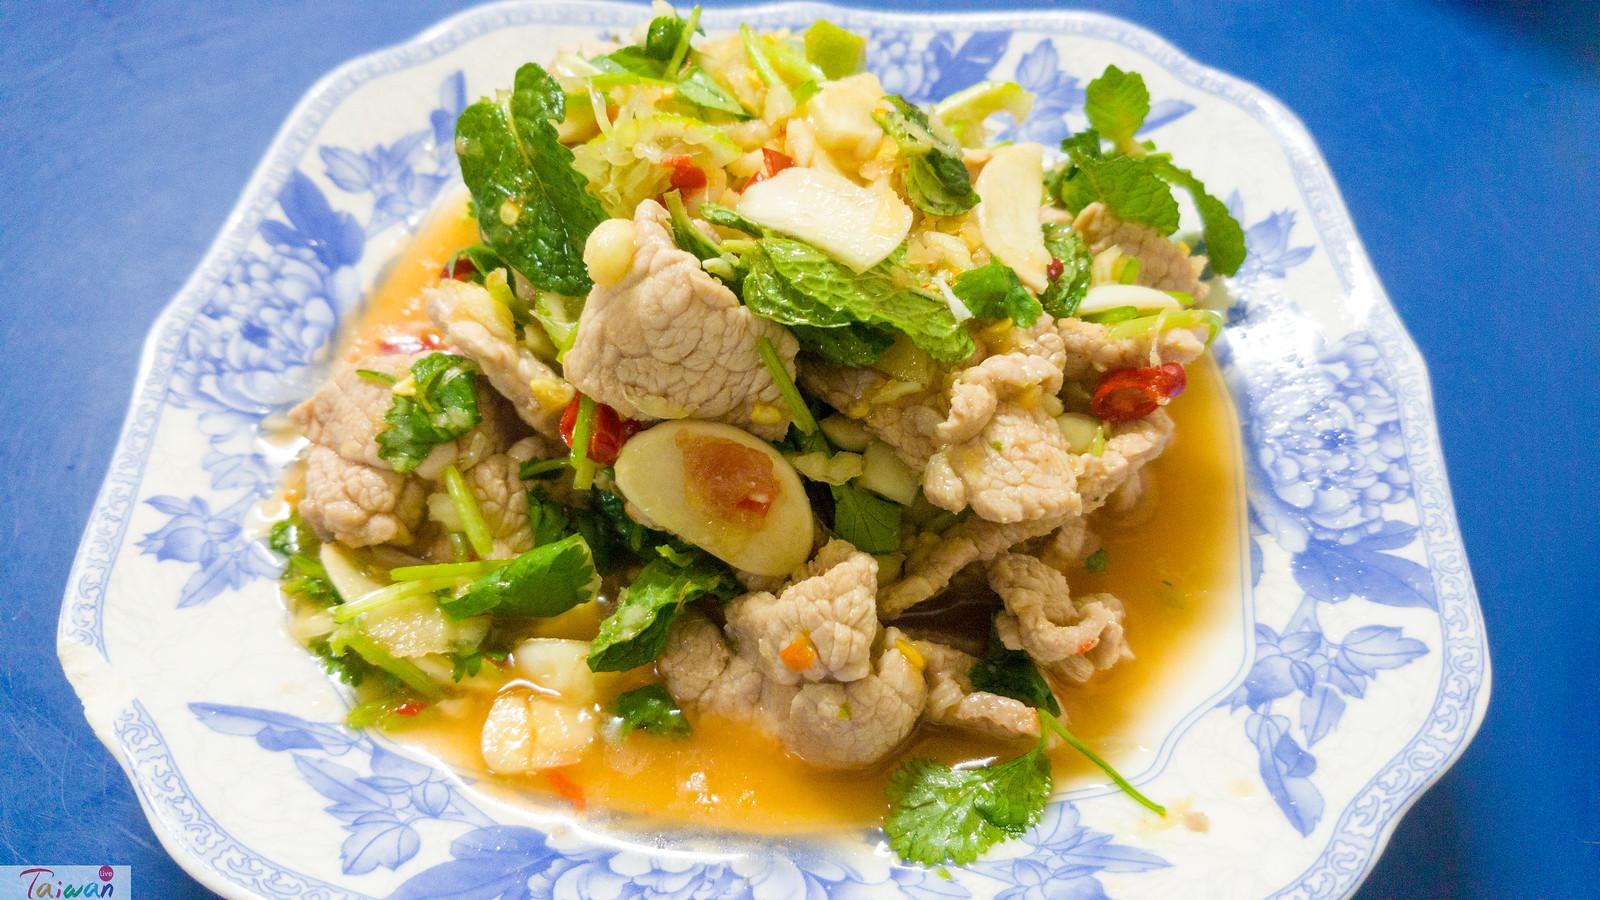 A New Thai Dish